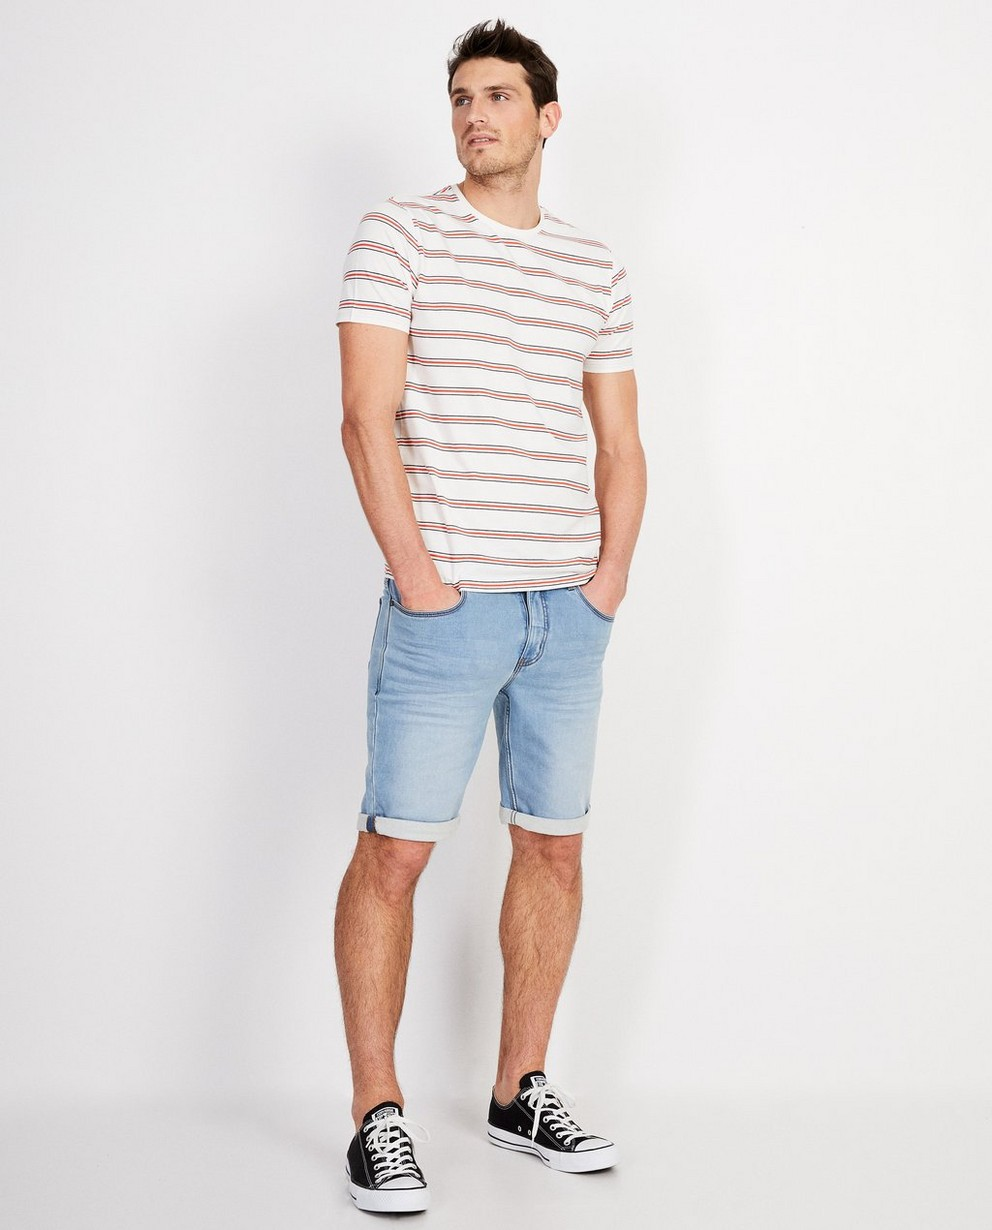 Wit T-shirt met strepen - in 2 kleuren - JBC